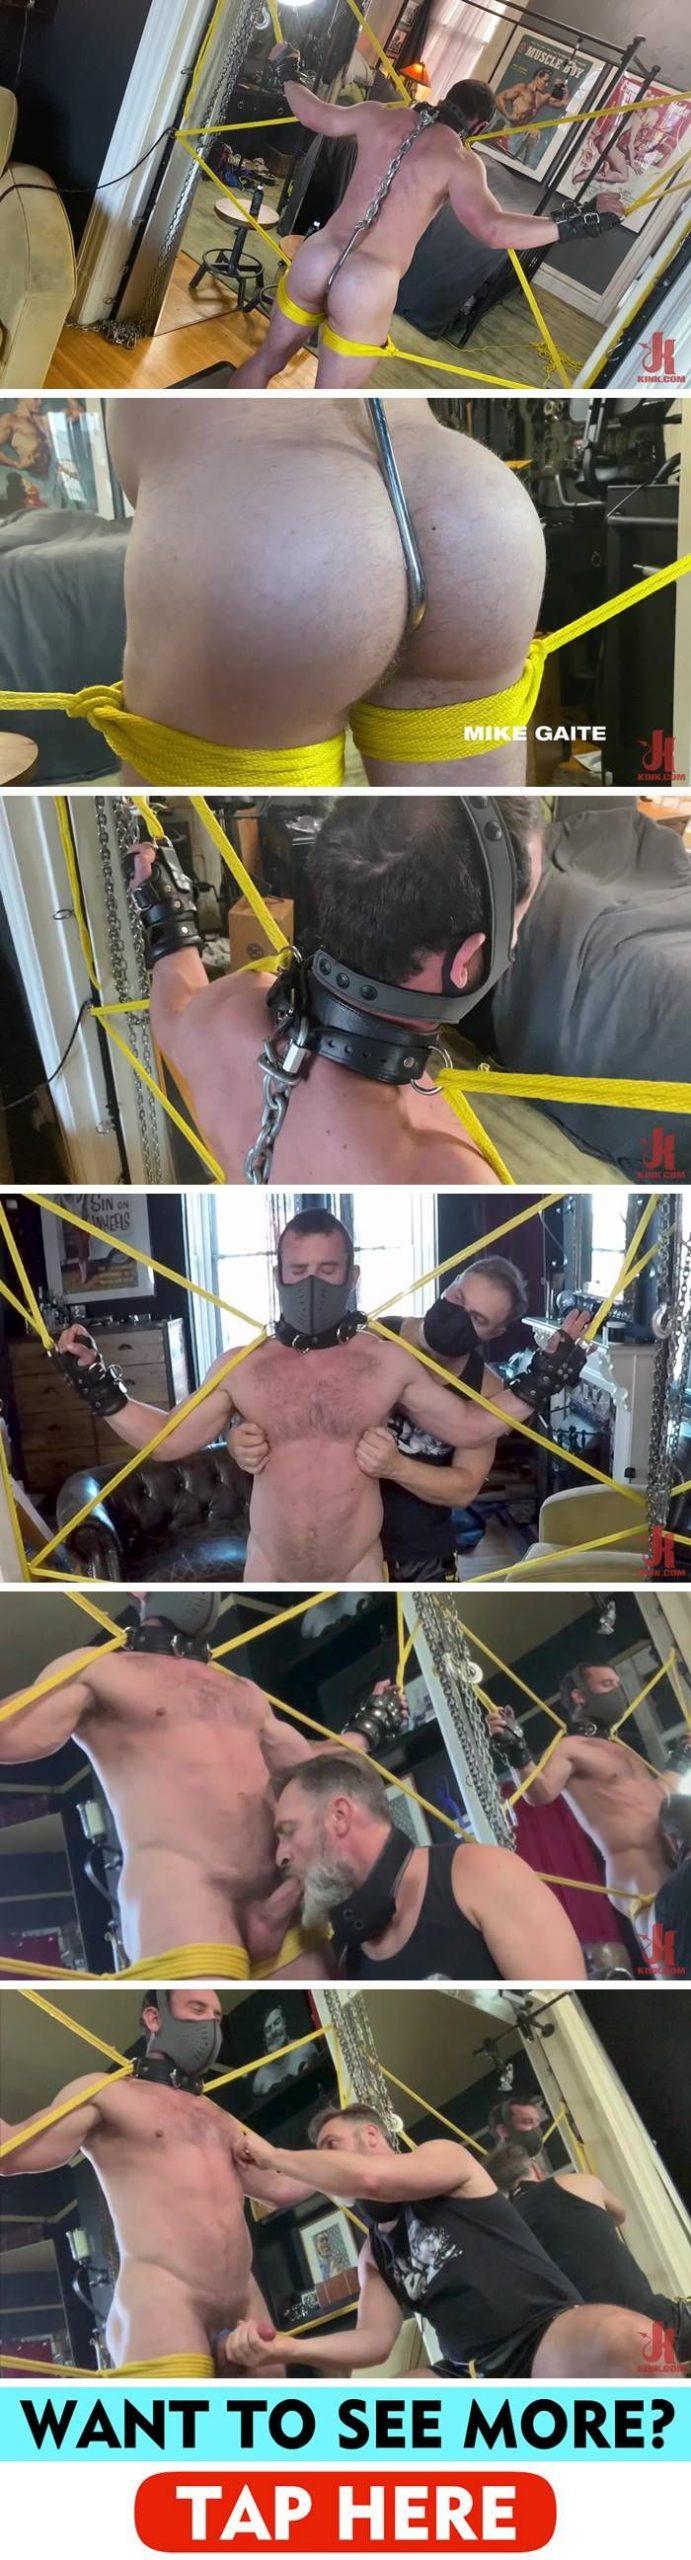 Kristofer Weston Edges Mike Gaite In Rope Bondage 1